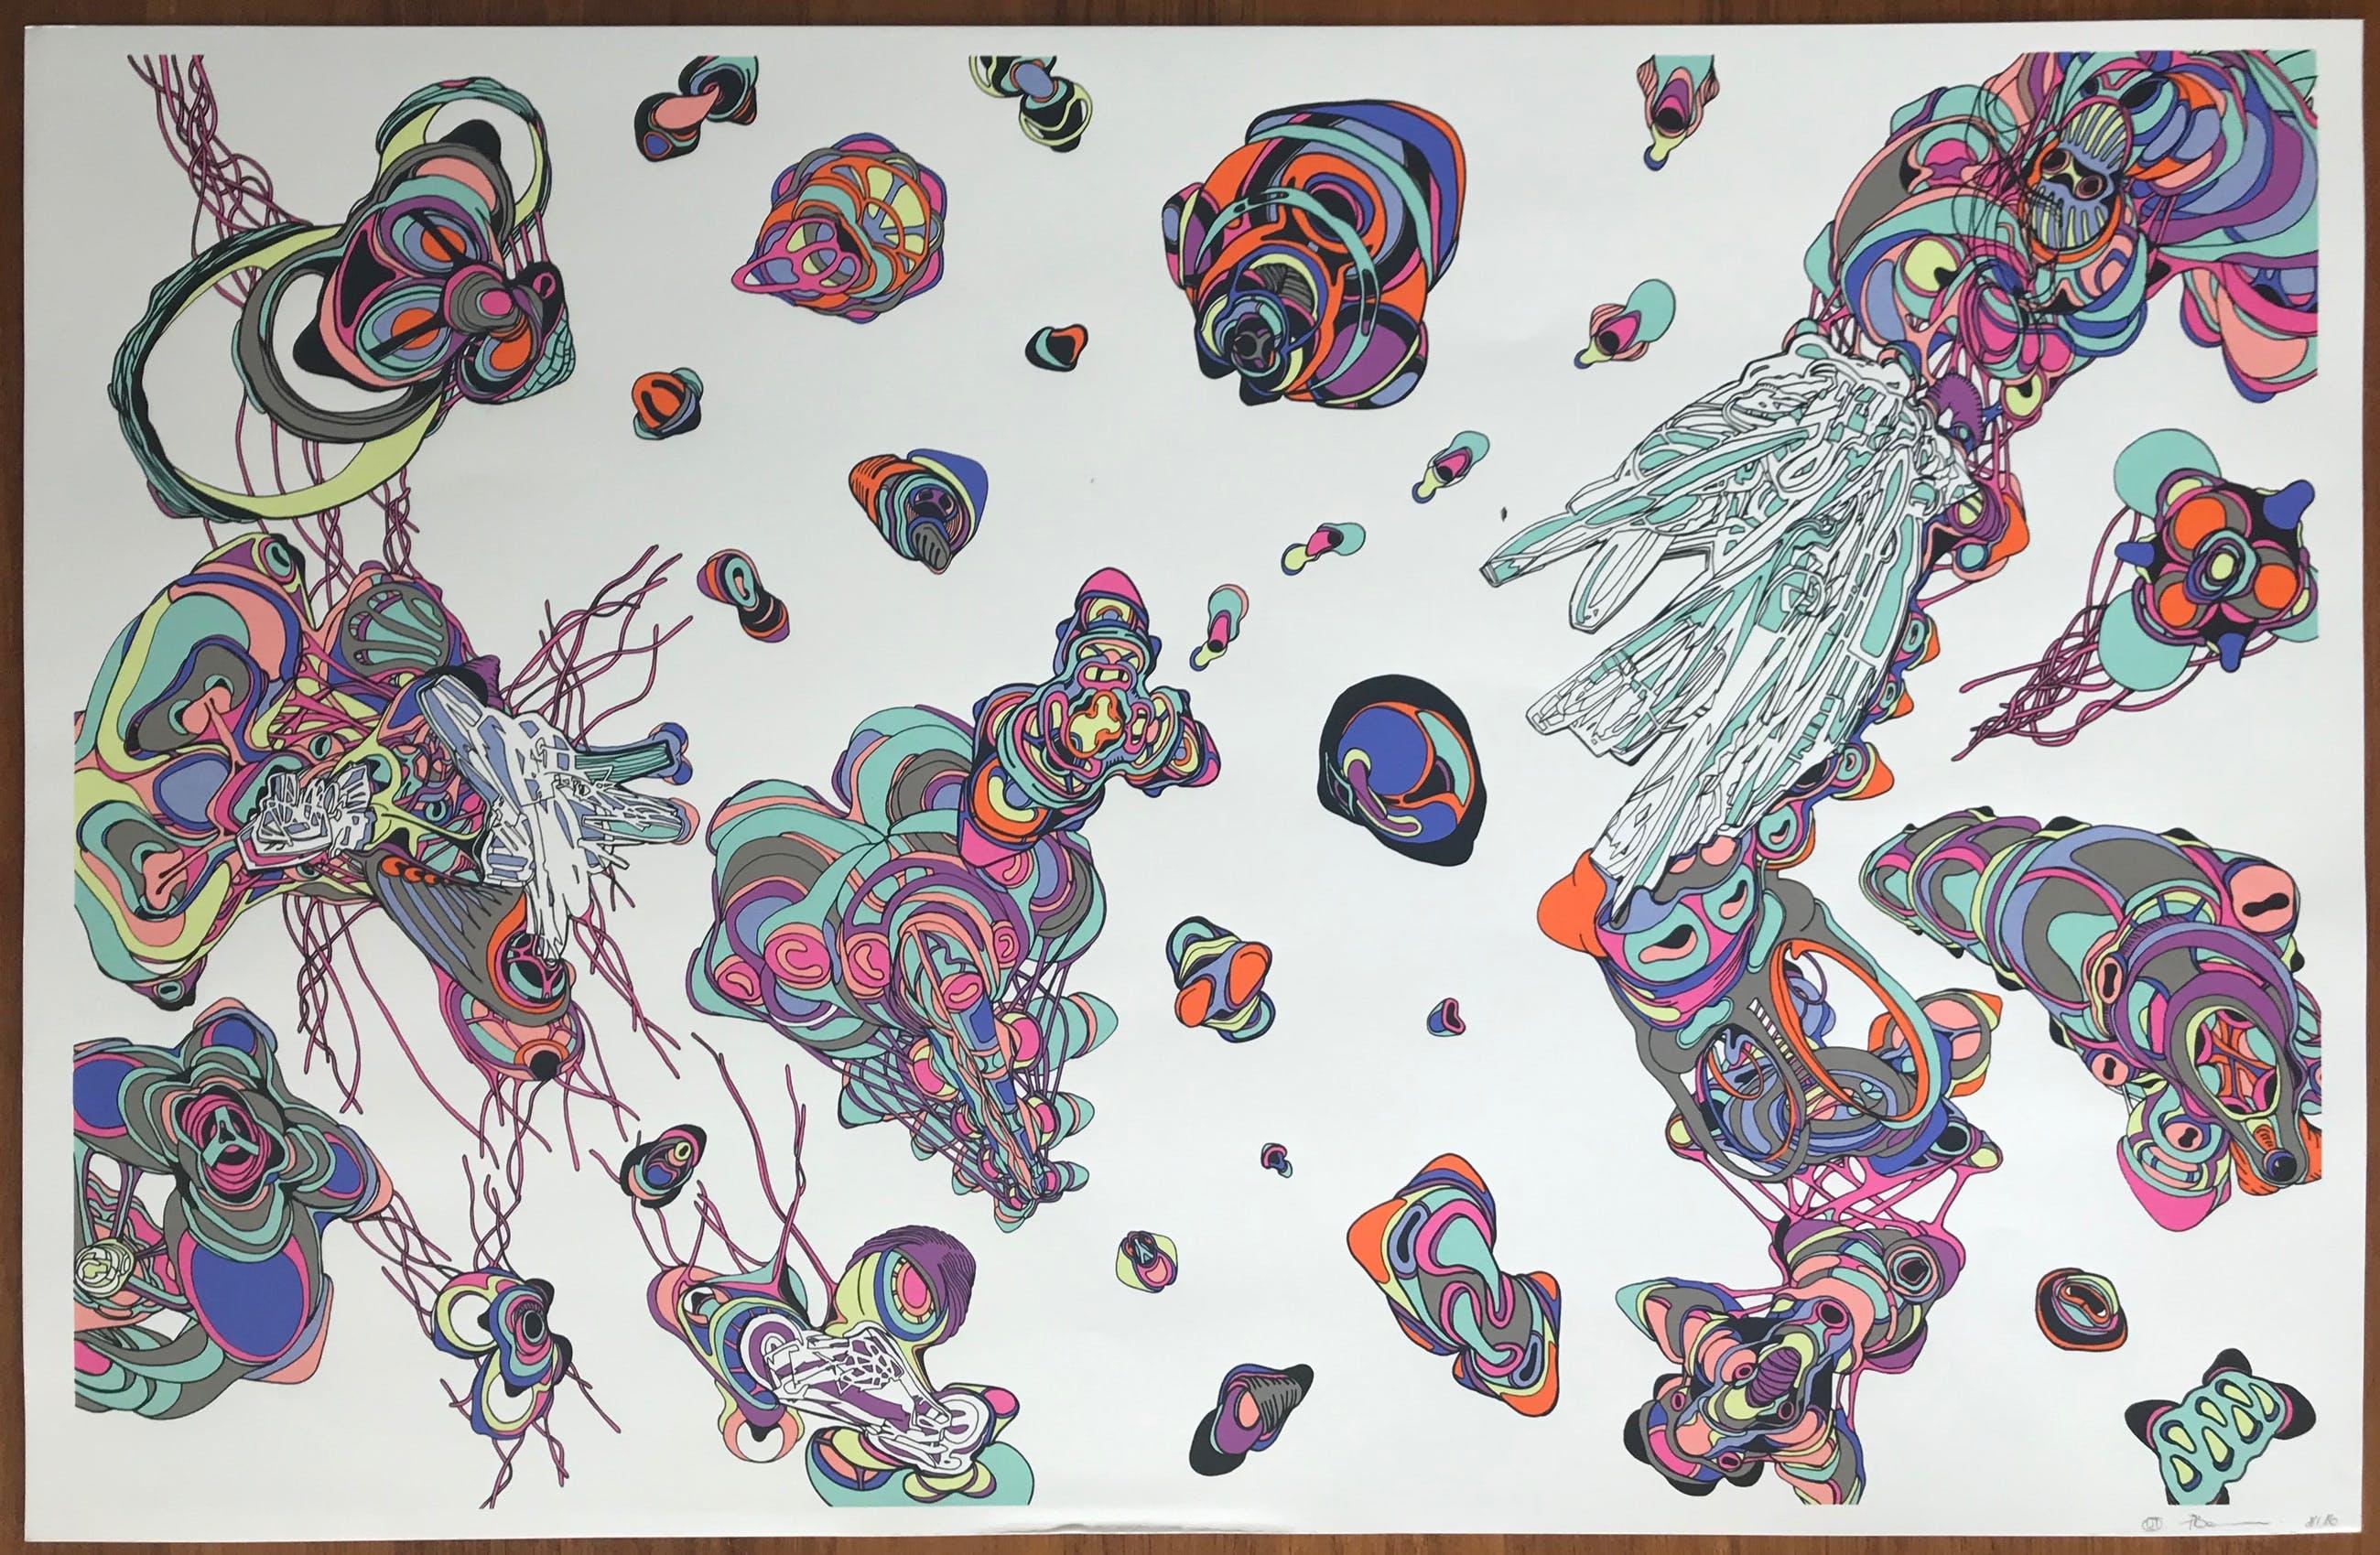 Jean-Luc Moerman - Zeefdruk - Gesigneerd - 'Nanohybride' - 86/150 - 2002 kopen? Bied vanaf 85!